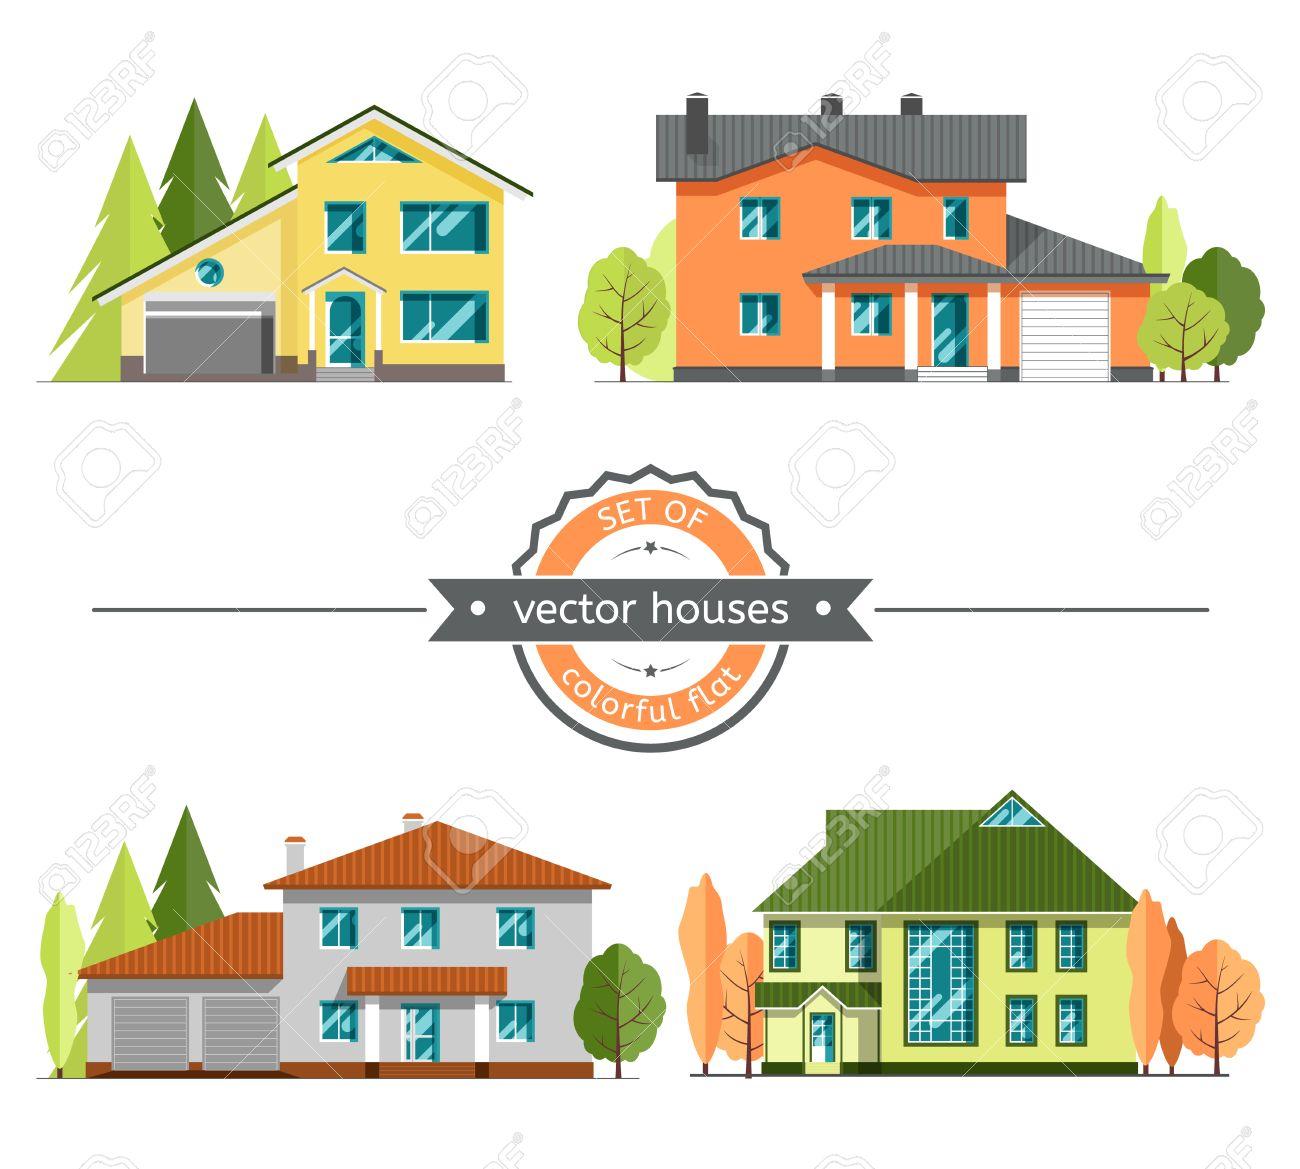 Satz Von Flachen Vektor Häuser Auf Weißem Hintergrund ...